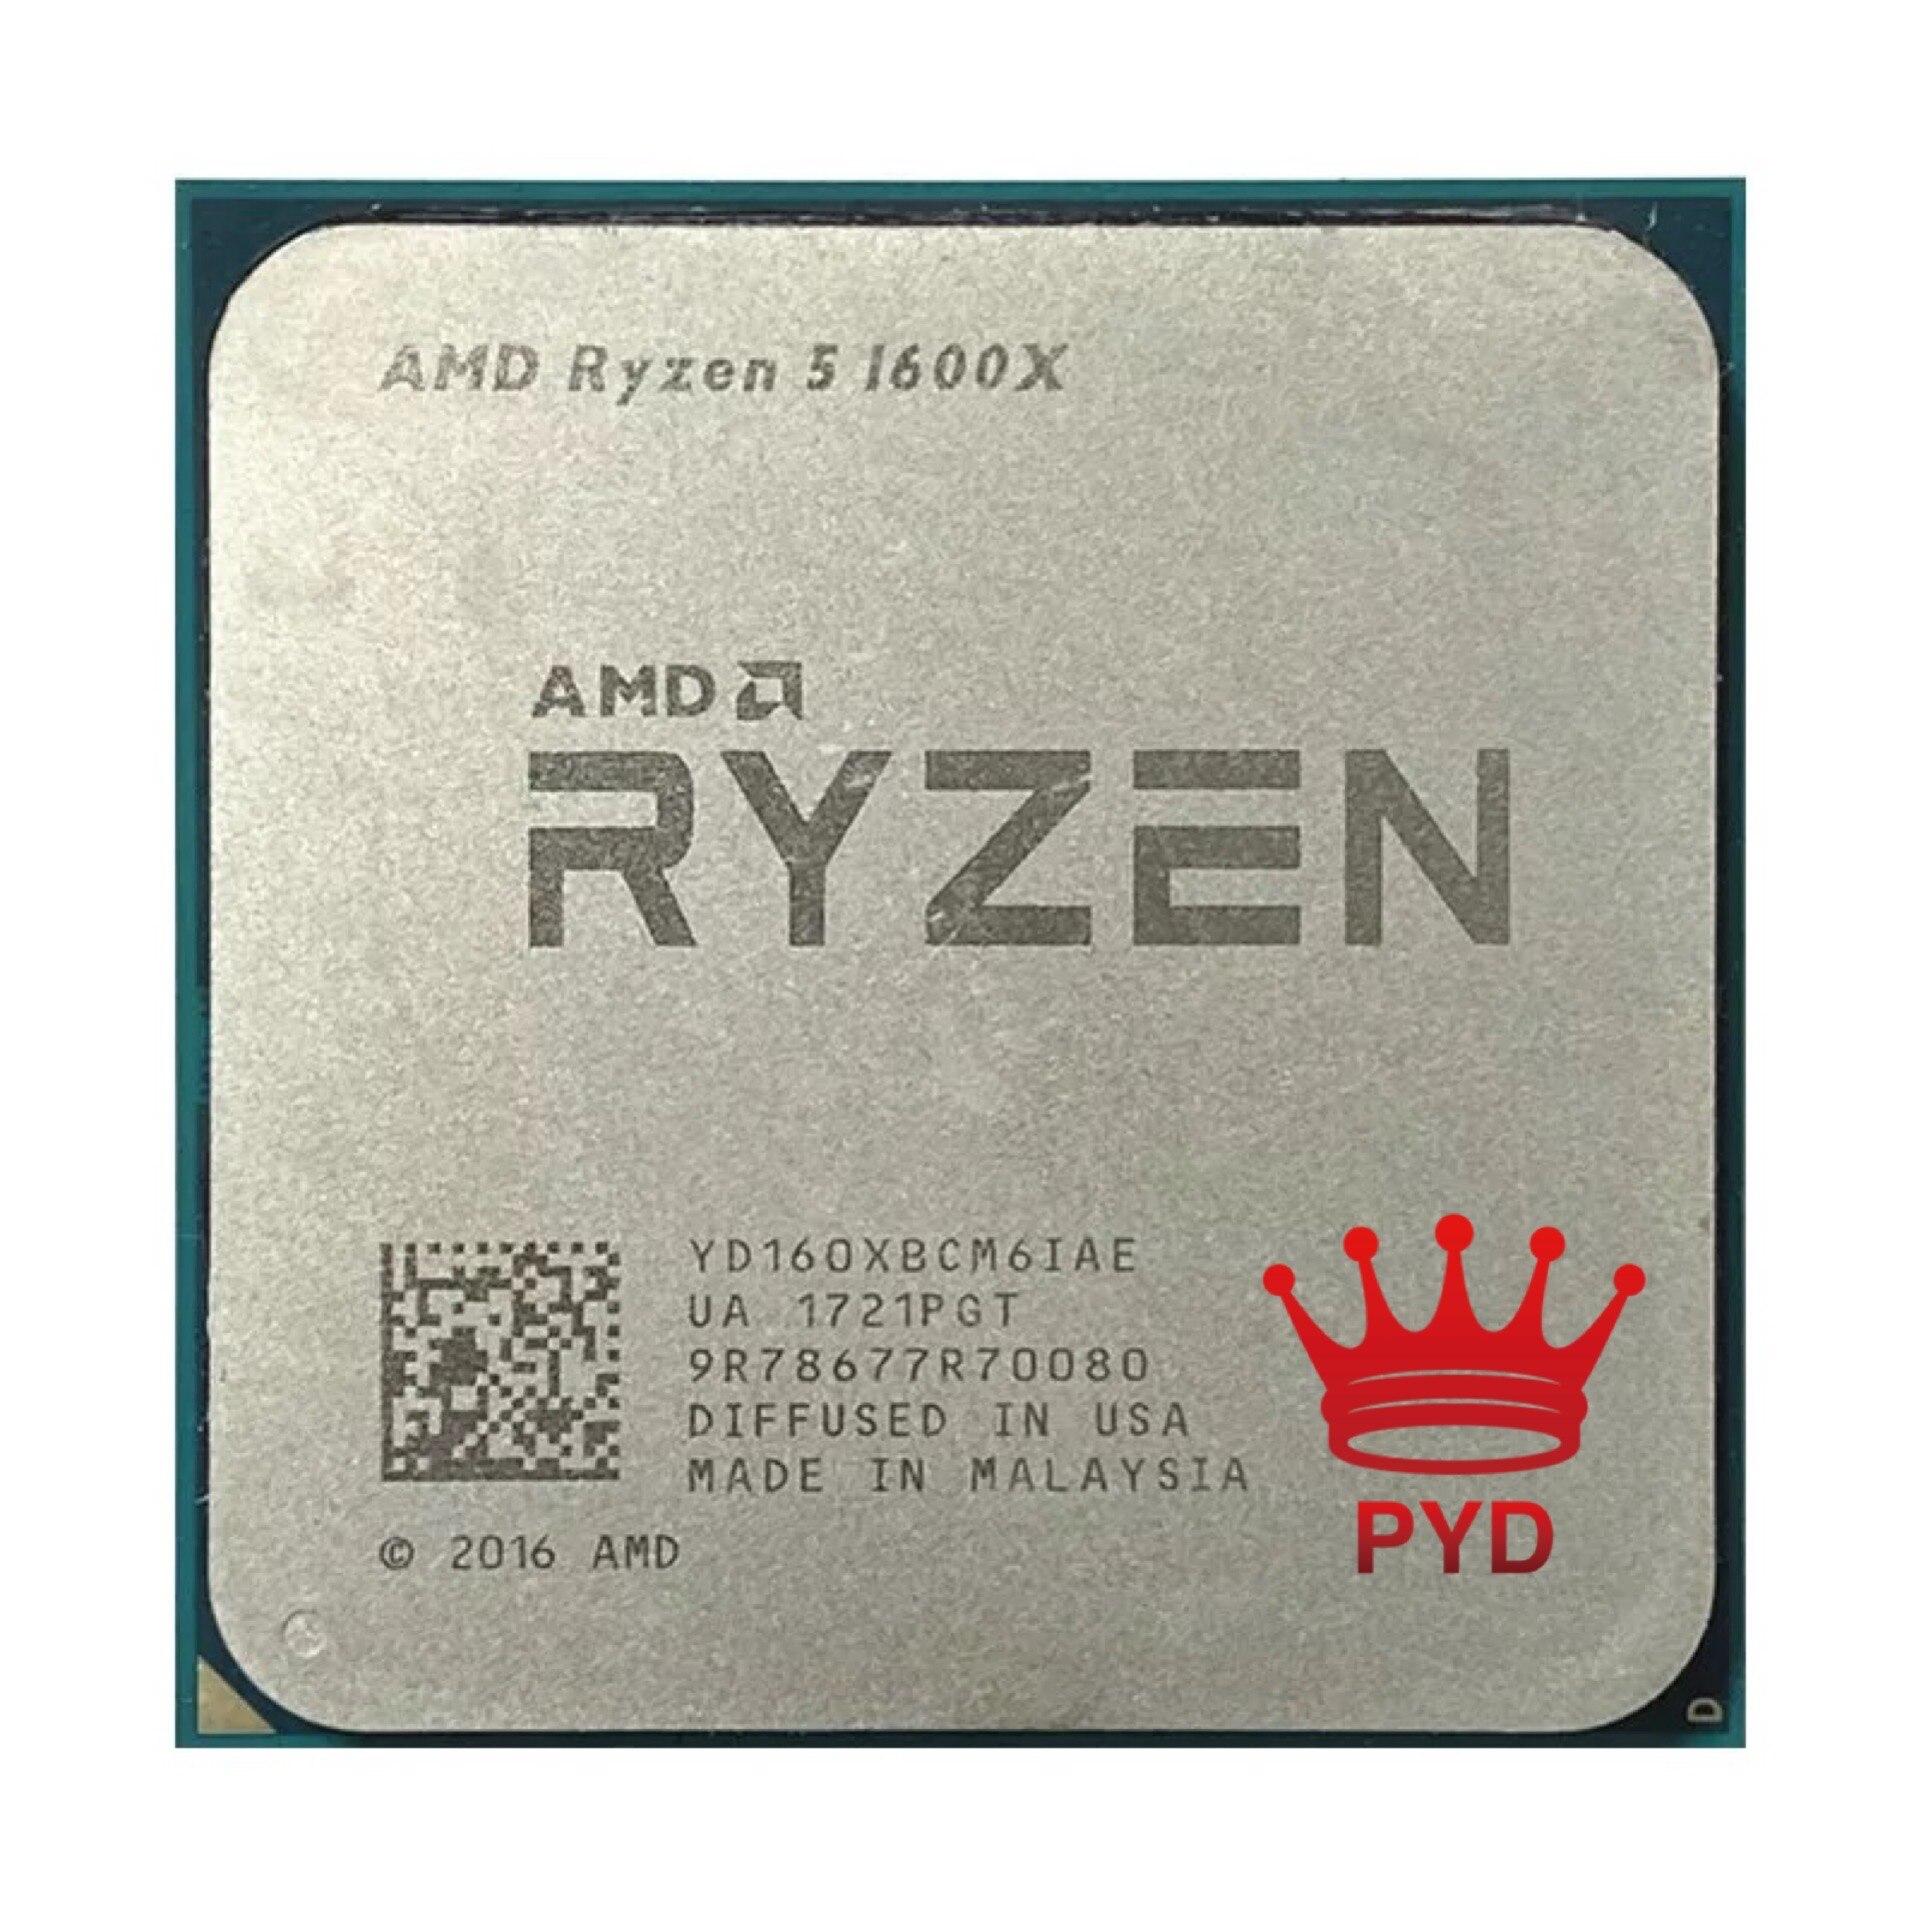 AMD Ryzen 5 1600X R5 1600X 3,6 ГГц шестиядерный двенадцать-нить Процессор процессор 95 Вт L3 = 16M YD160XBCM6IAE гнездо AM4